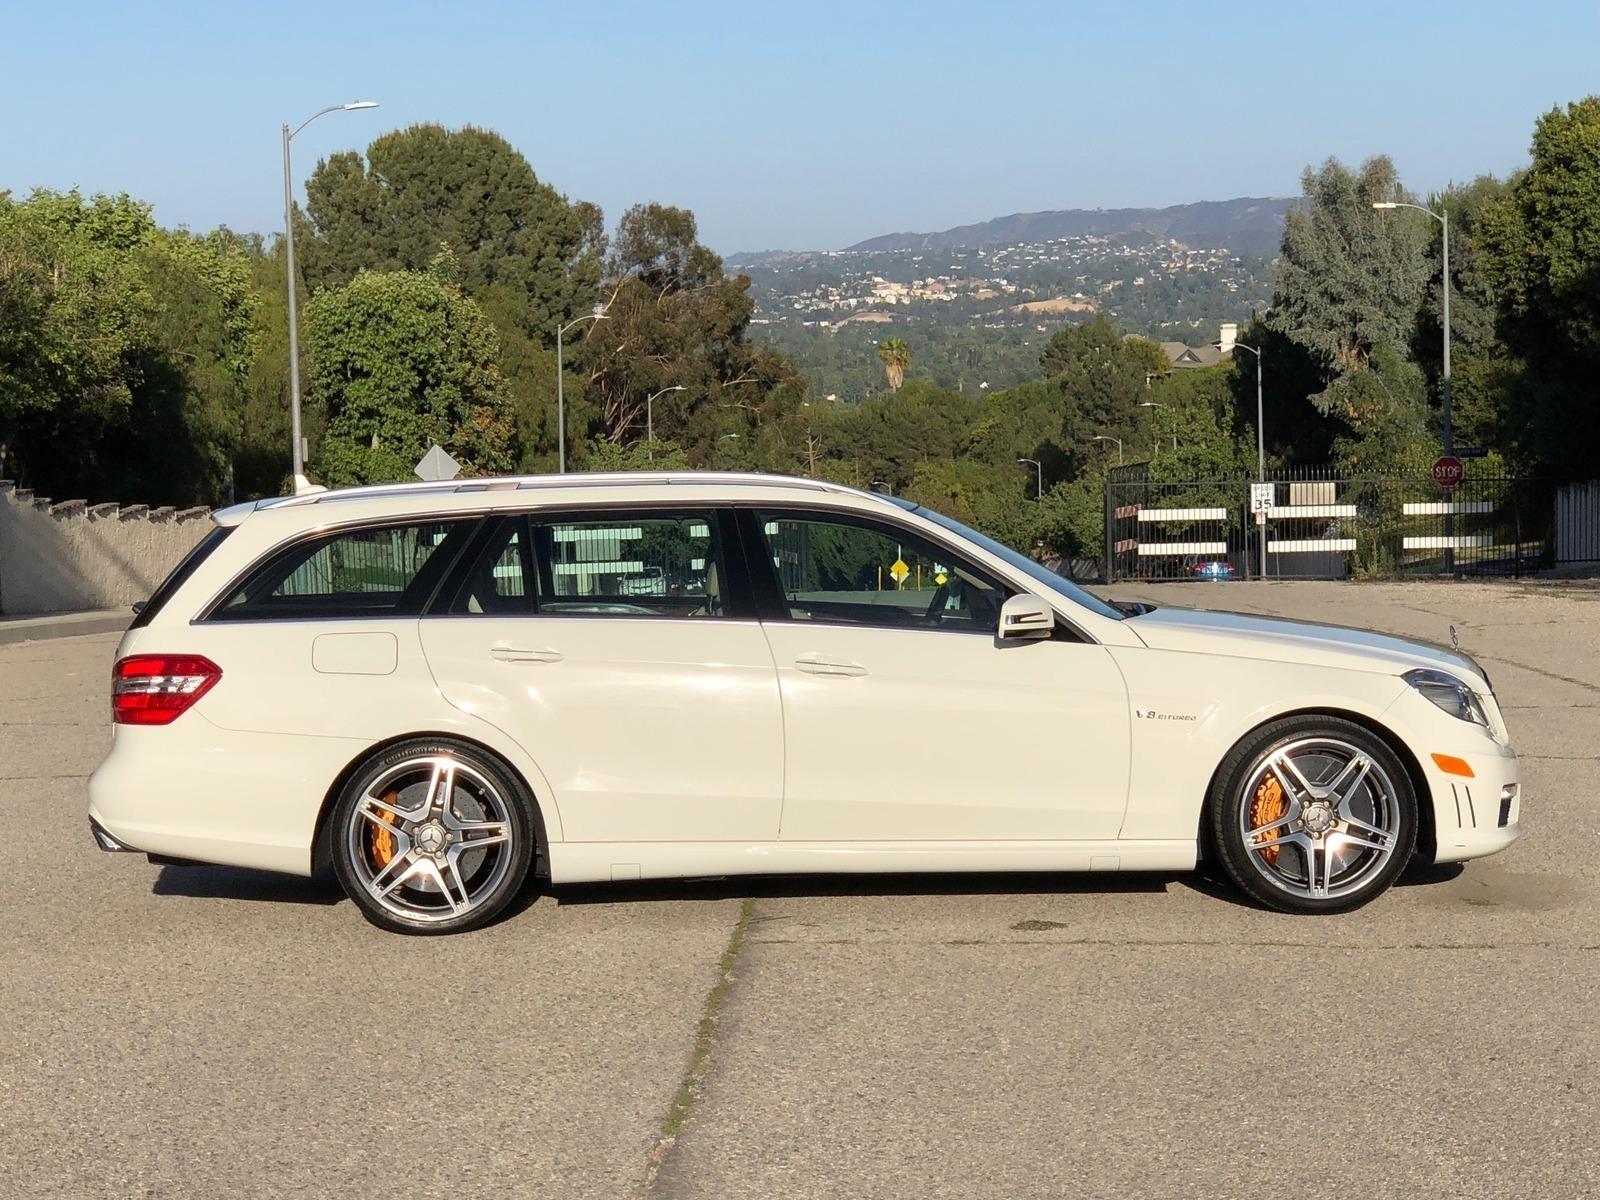 2012 Mercedes Benz E 63 Amg For Sale Nationwide Autotrader Slk280 Fuel Filter